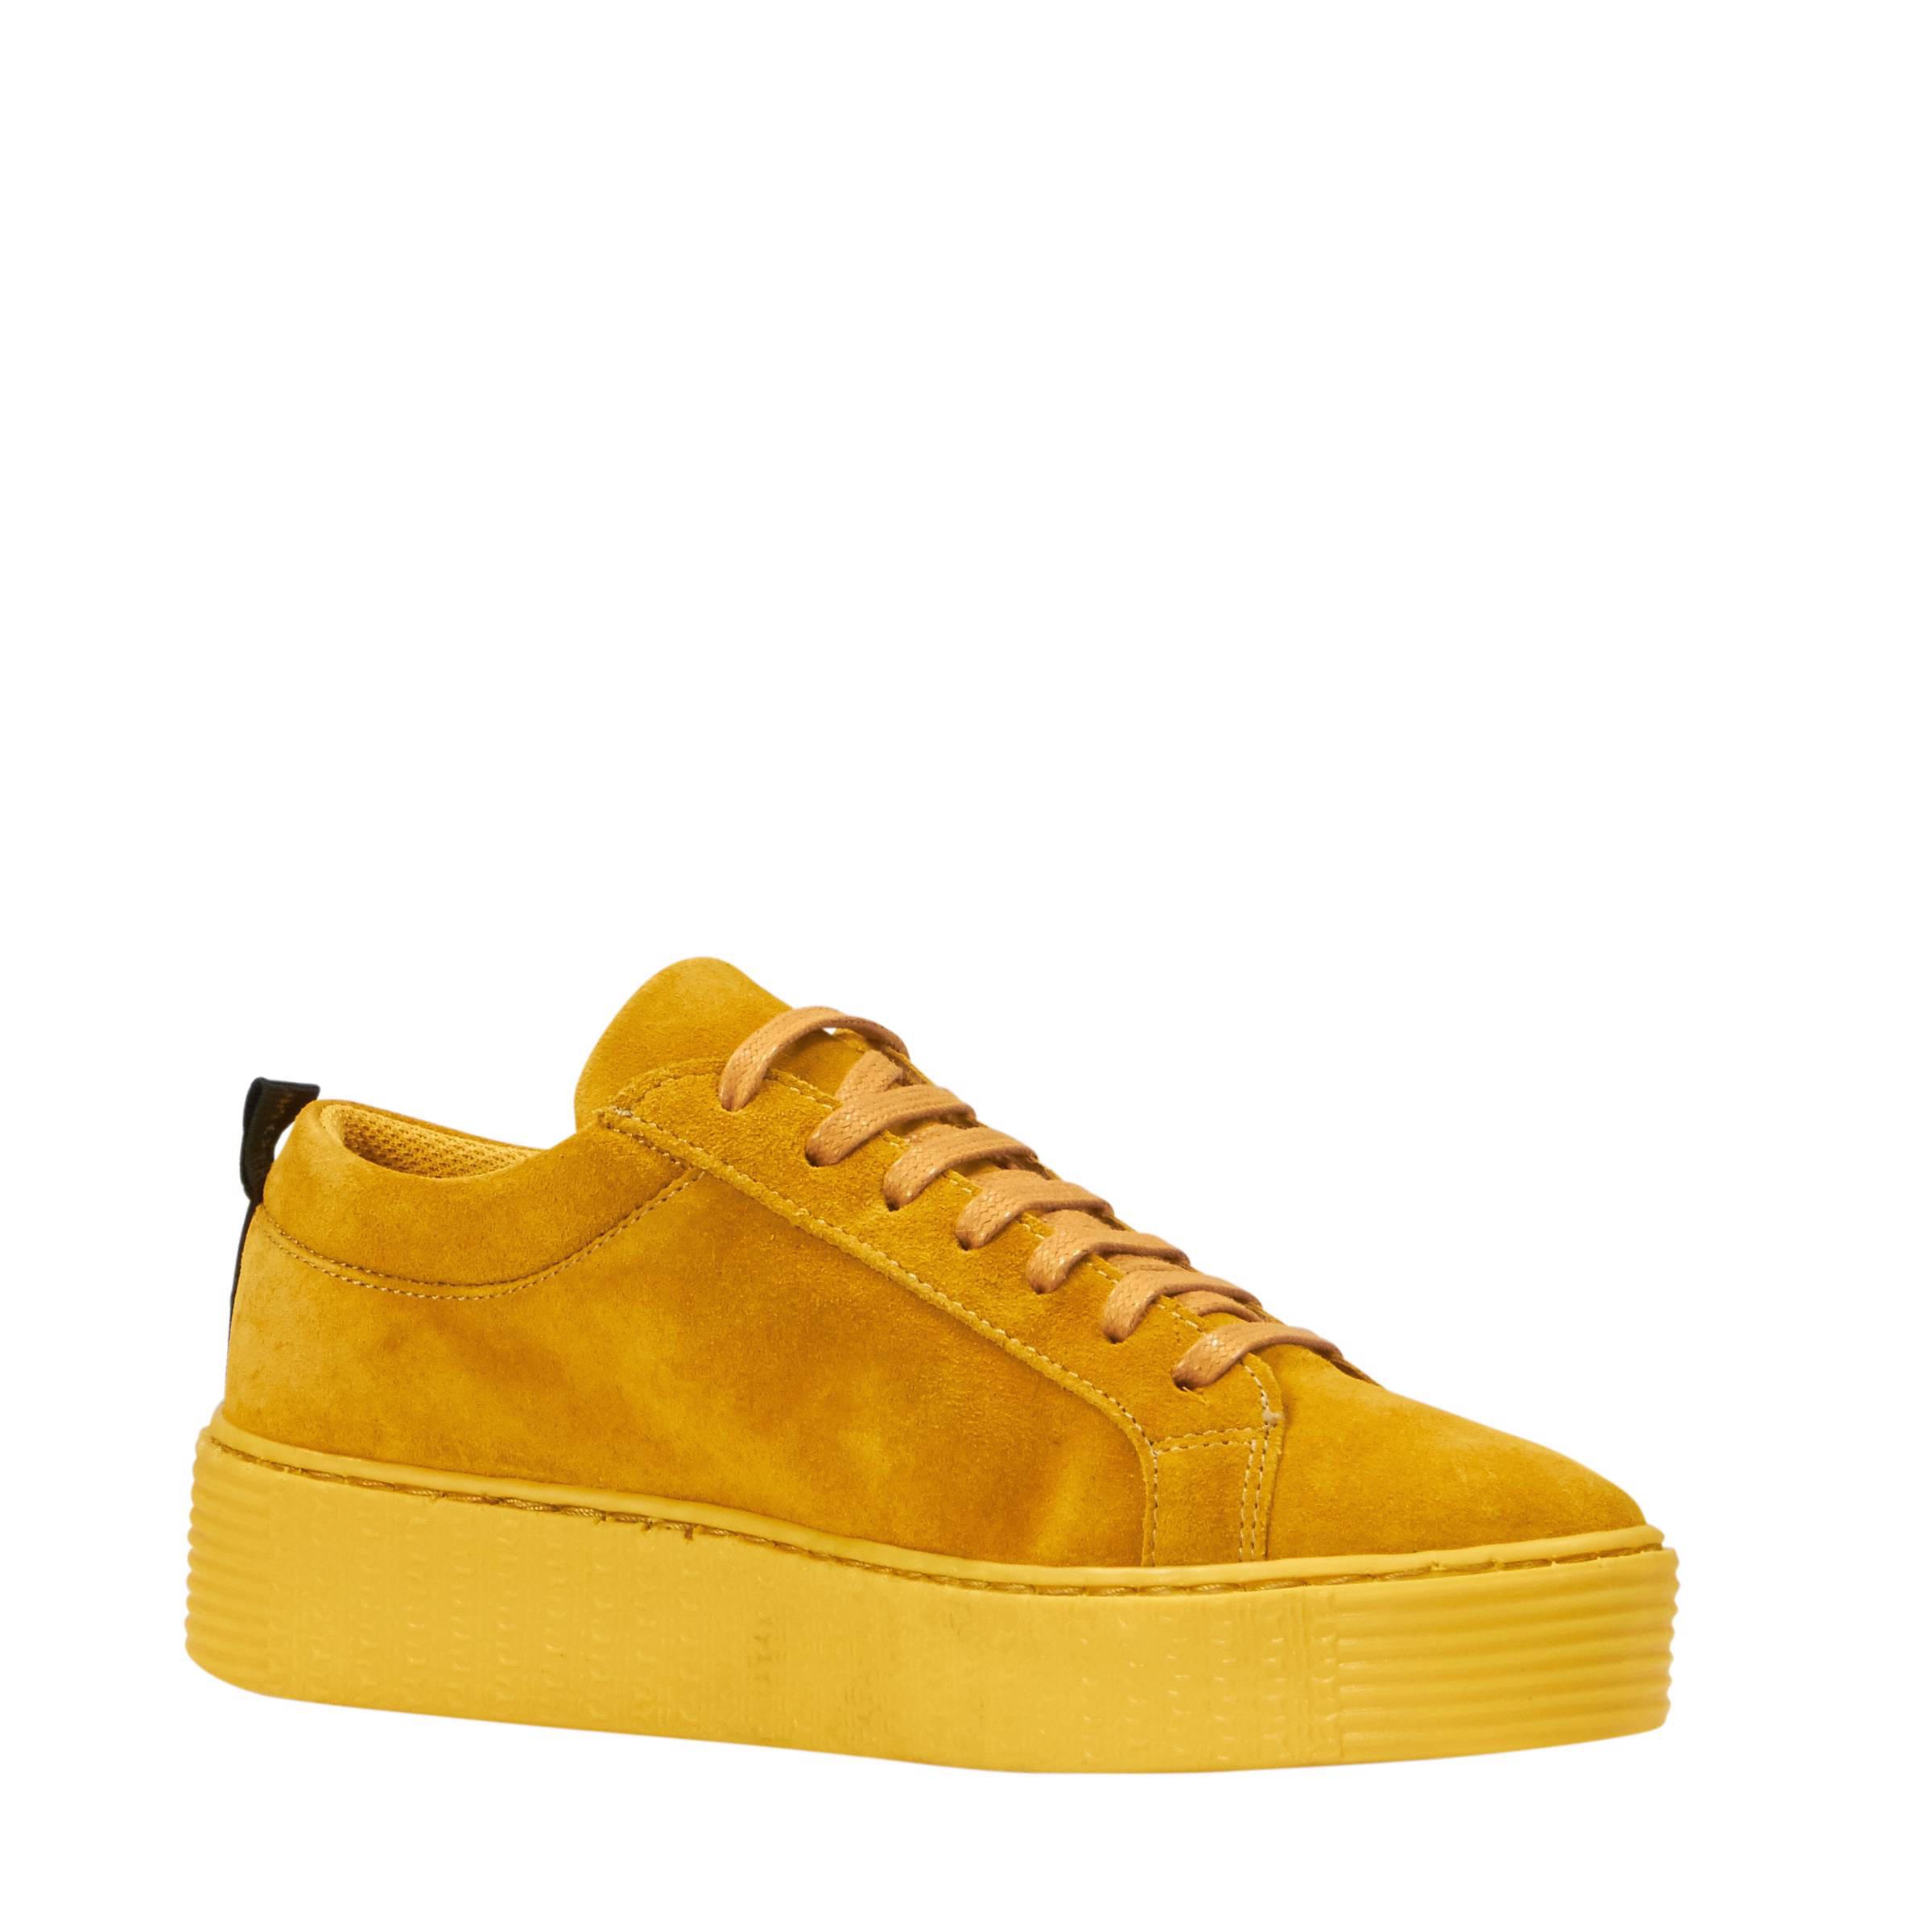 VERO MODA suède sneakers (dames)